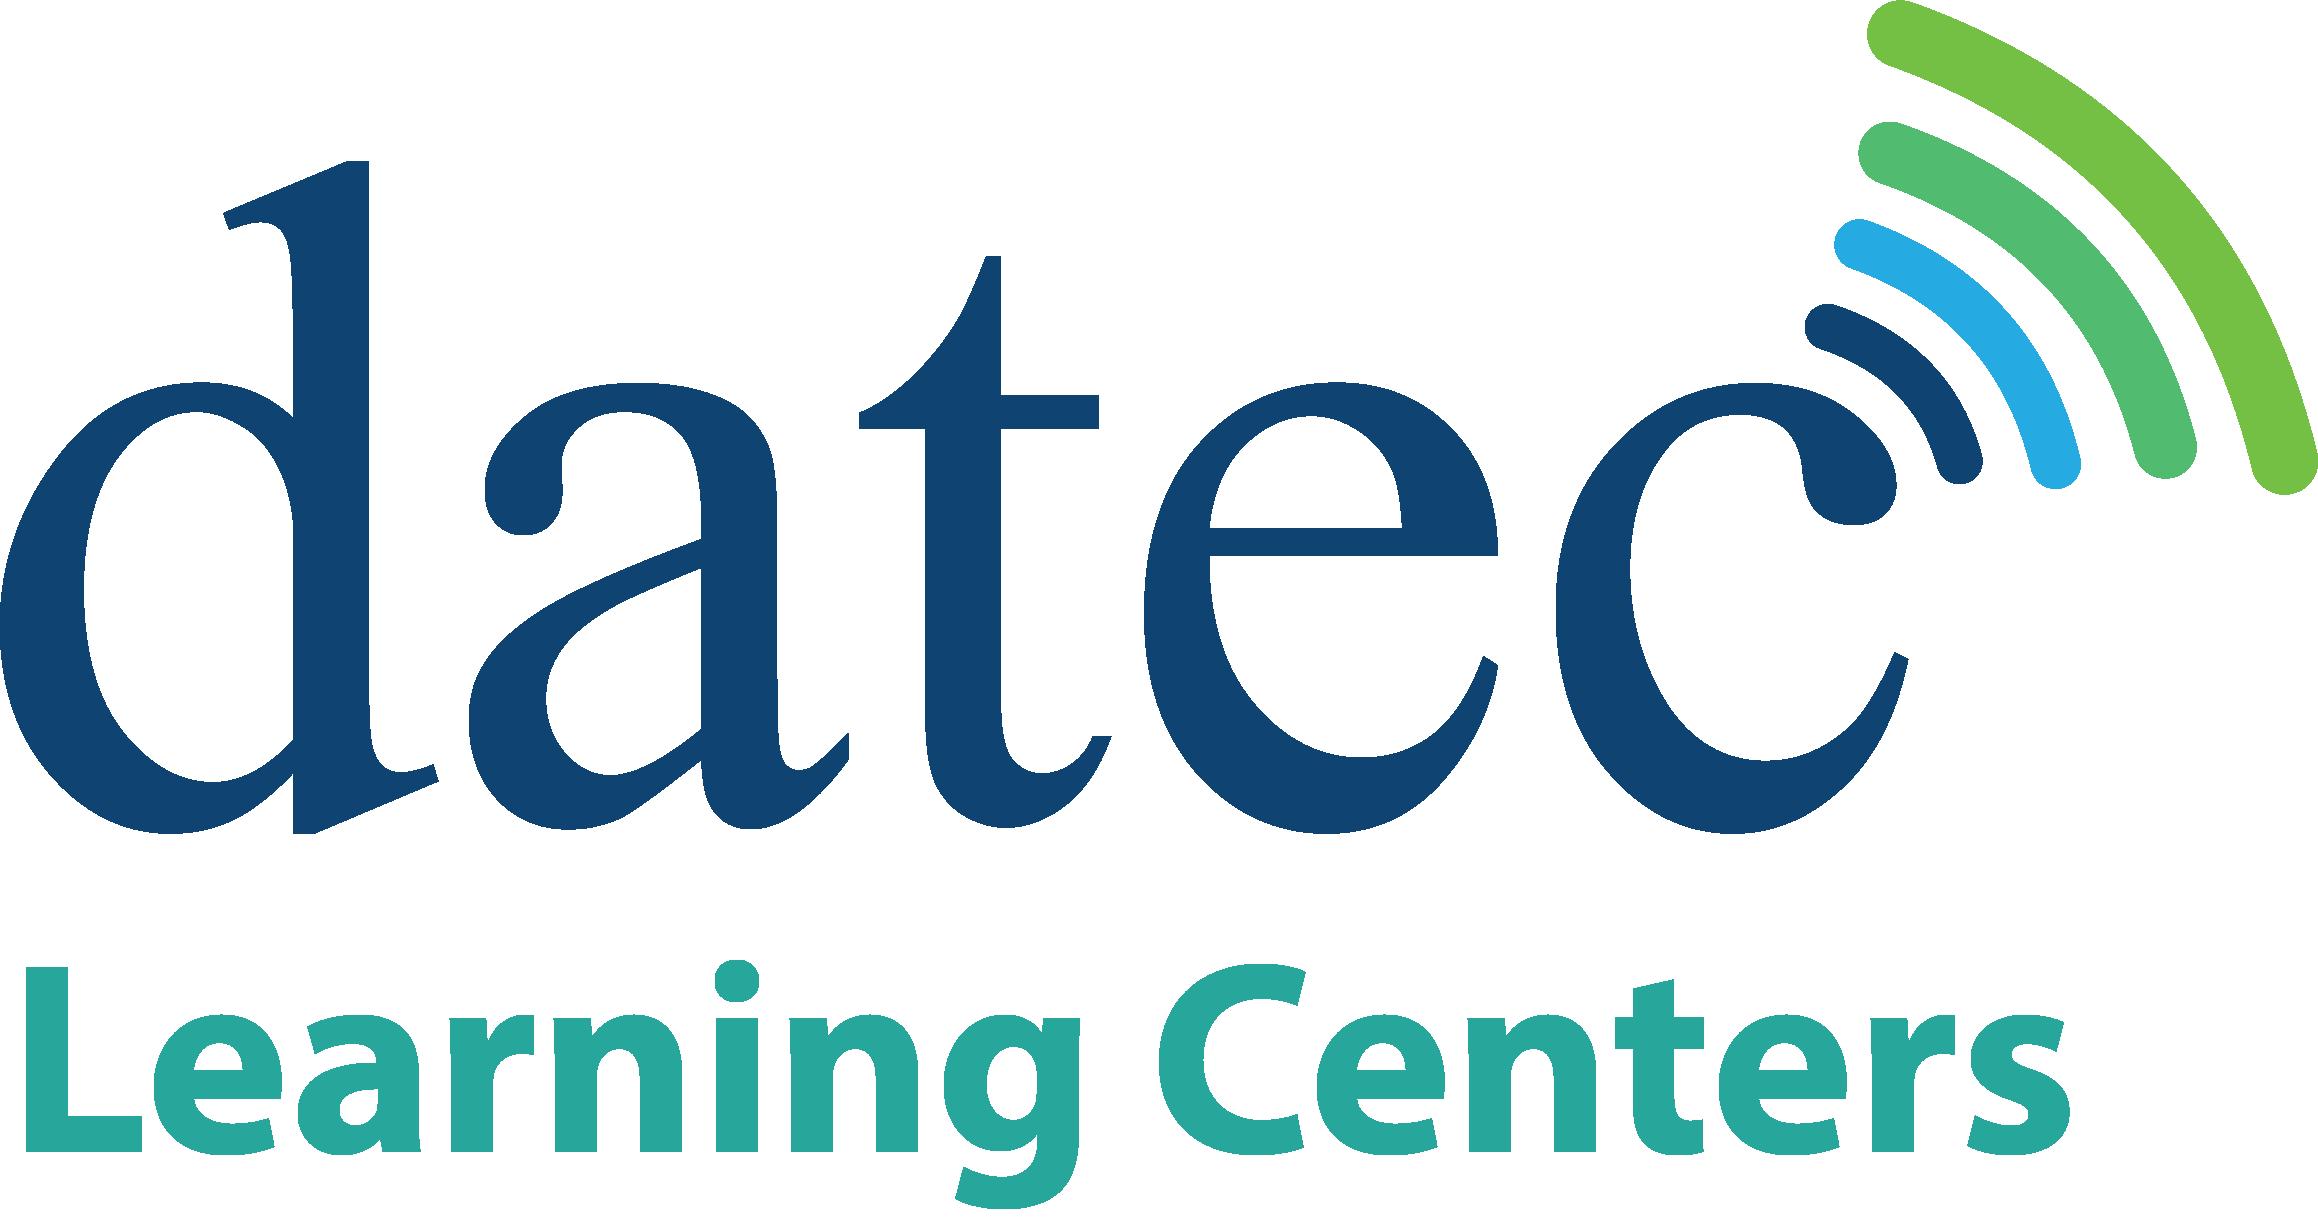 Image Result For Center For Lifelong Learning